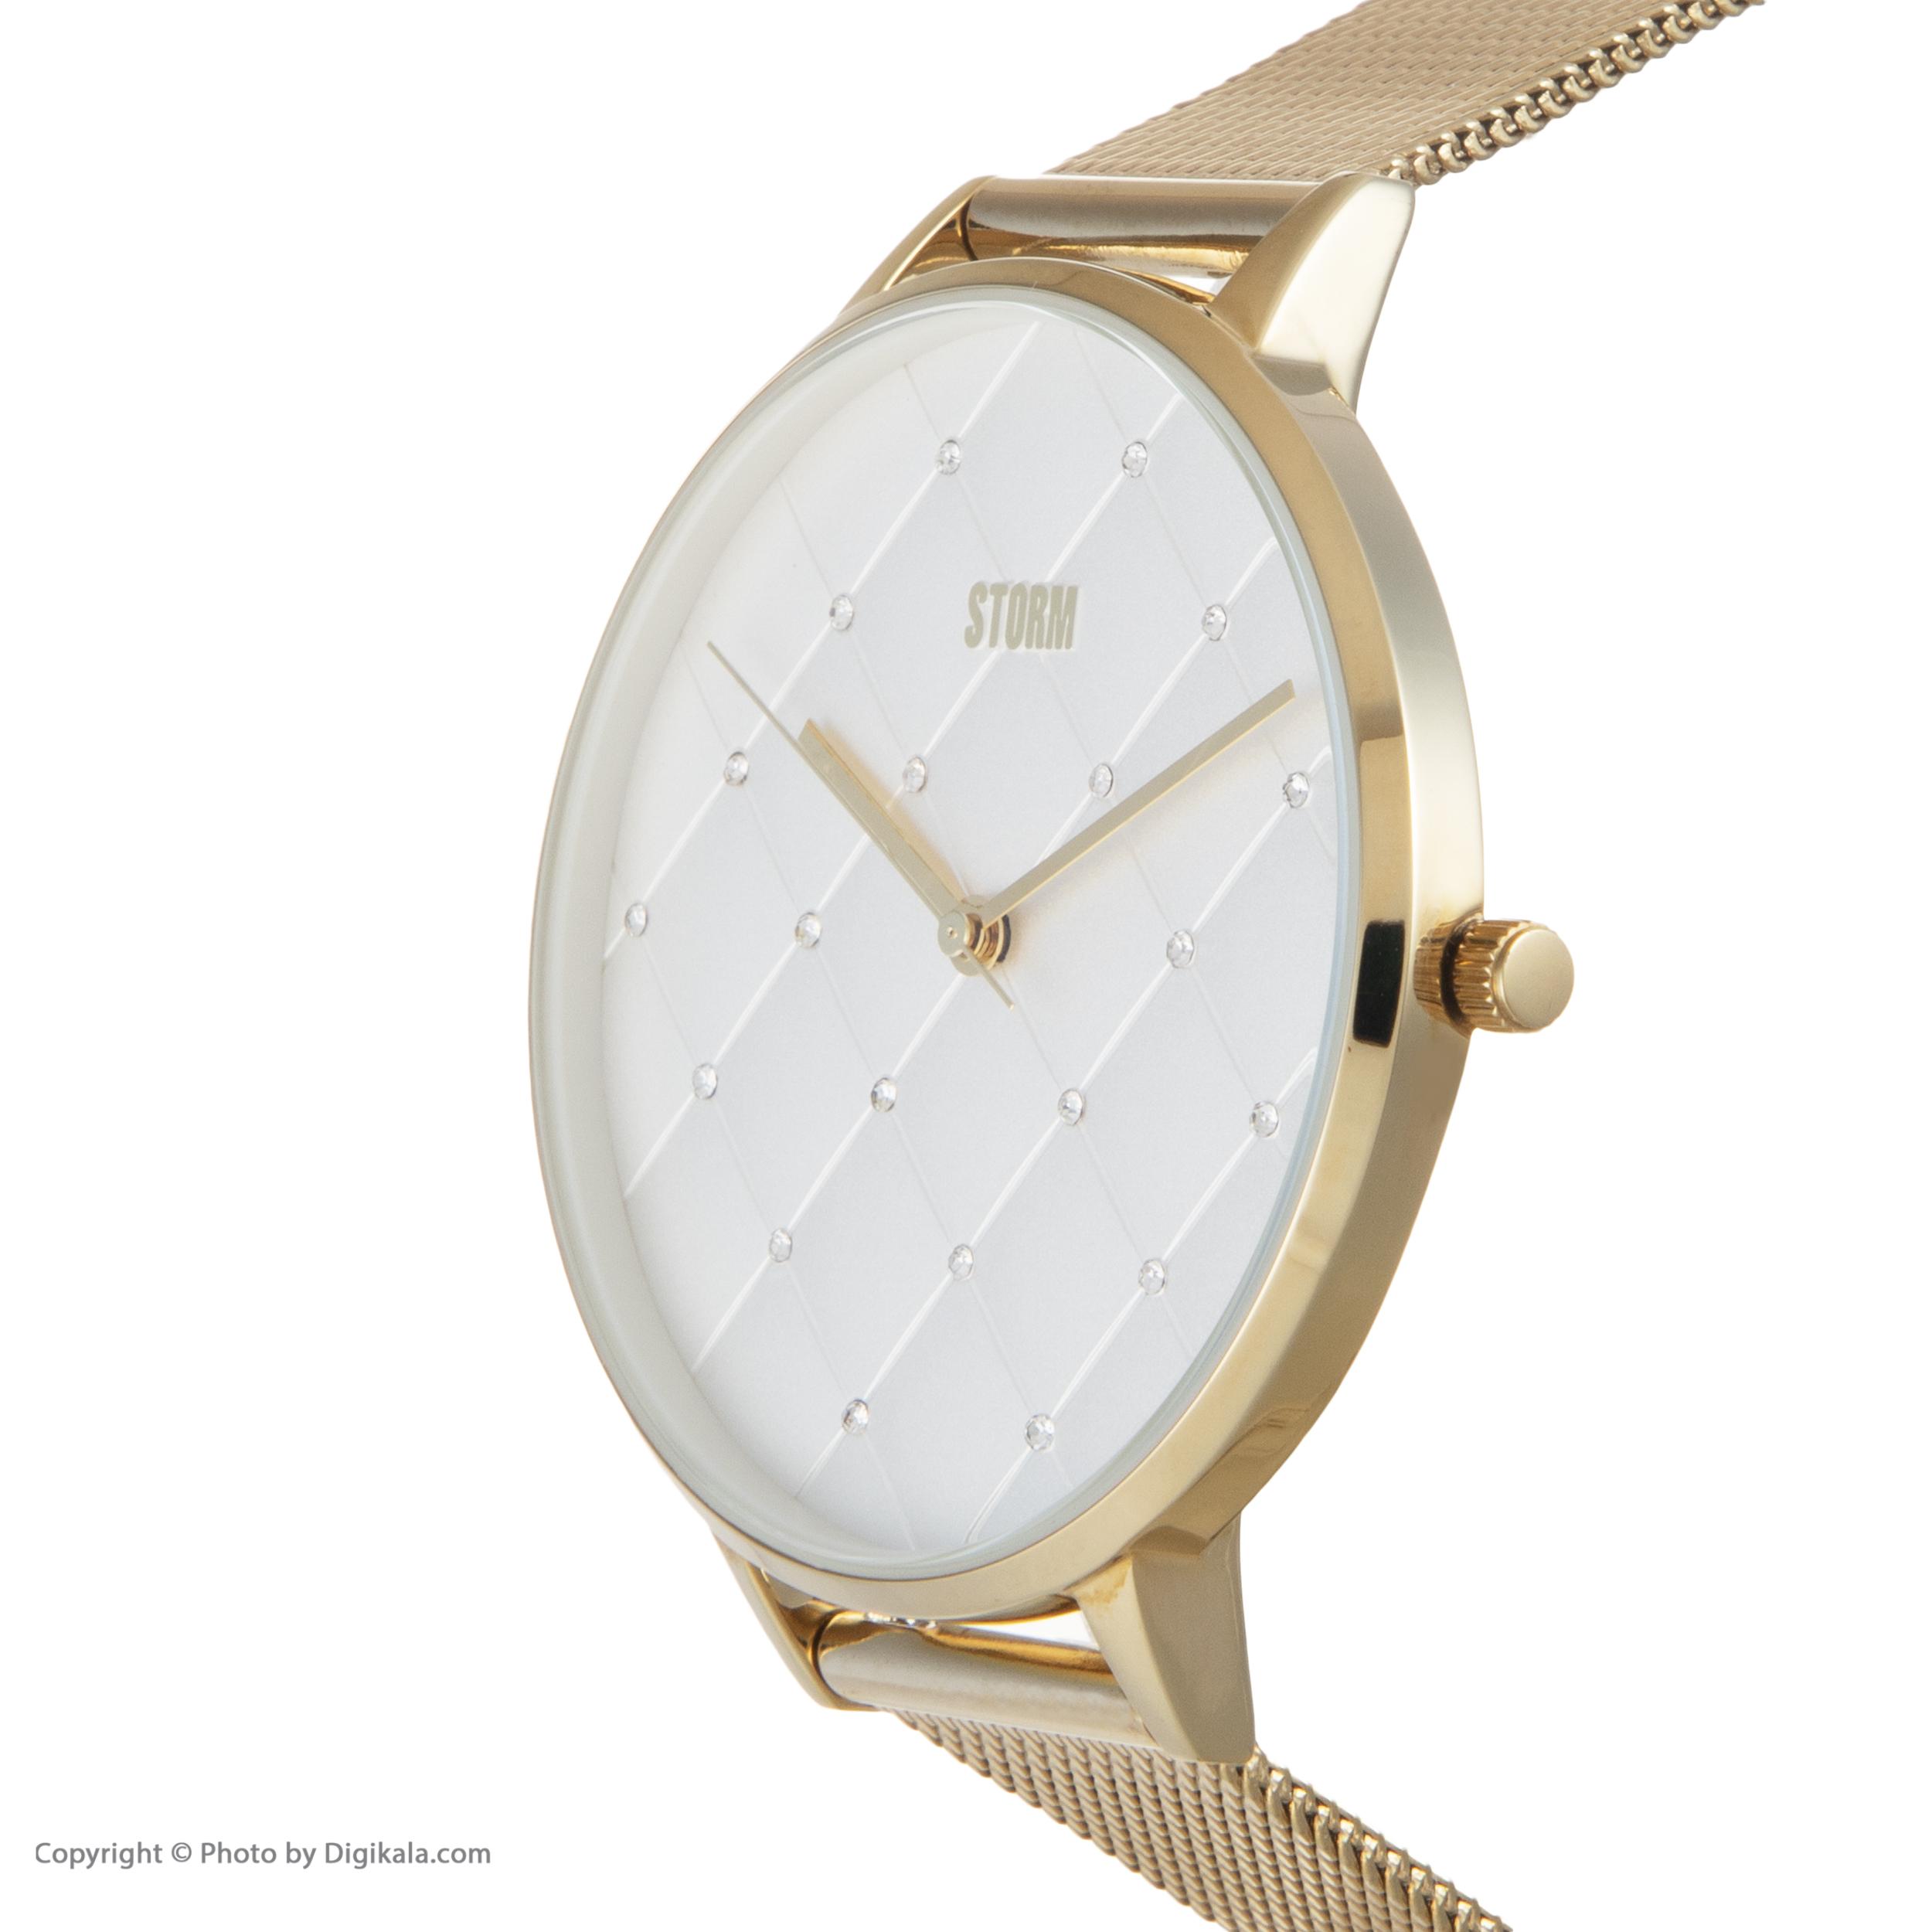 ساعت مچی عقربه ای زنانه استورم مدل ST 47423-GD              ارزان